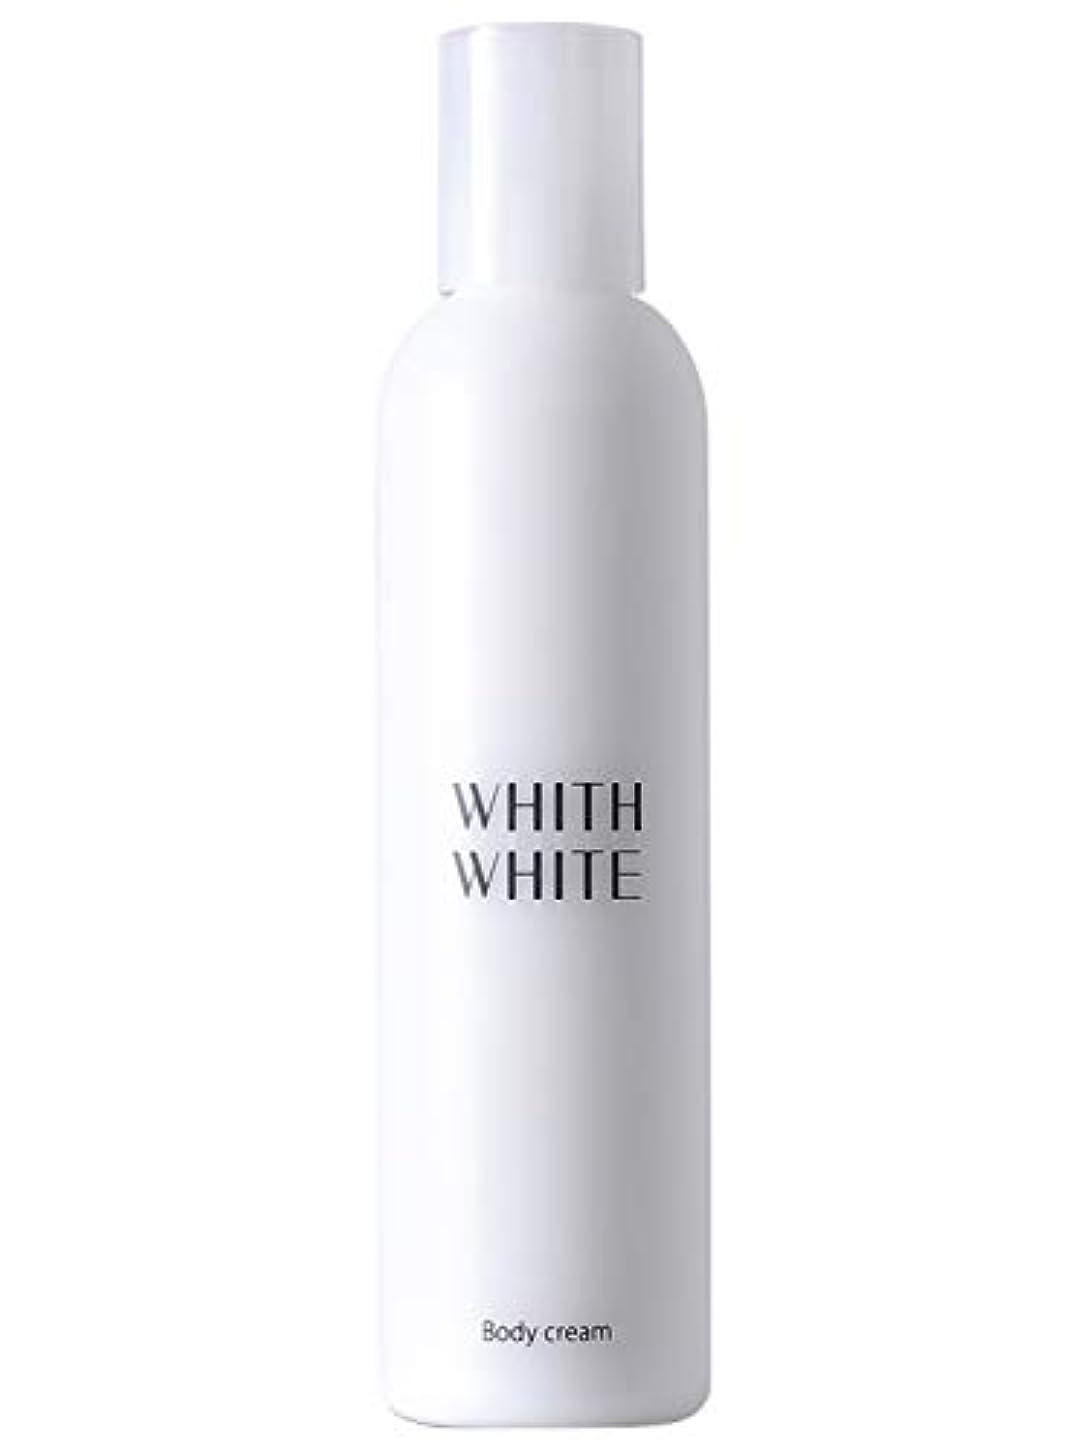 思い出すコードレスアドバイスフィス ホワイト 保湿 ボディクリーム 「顔 かかと 全身 乾燥肌 しみ くすみ 用 エモリエント 保湿クリーム 」200g